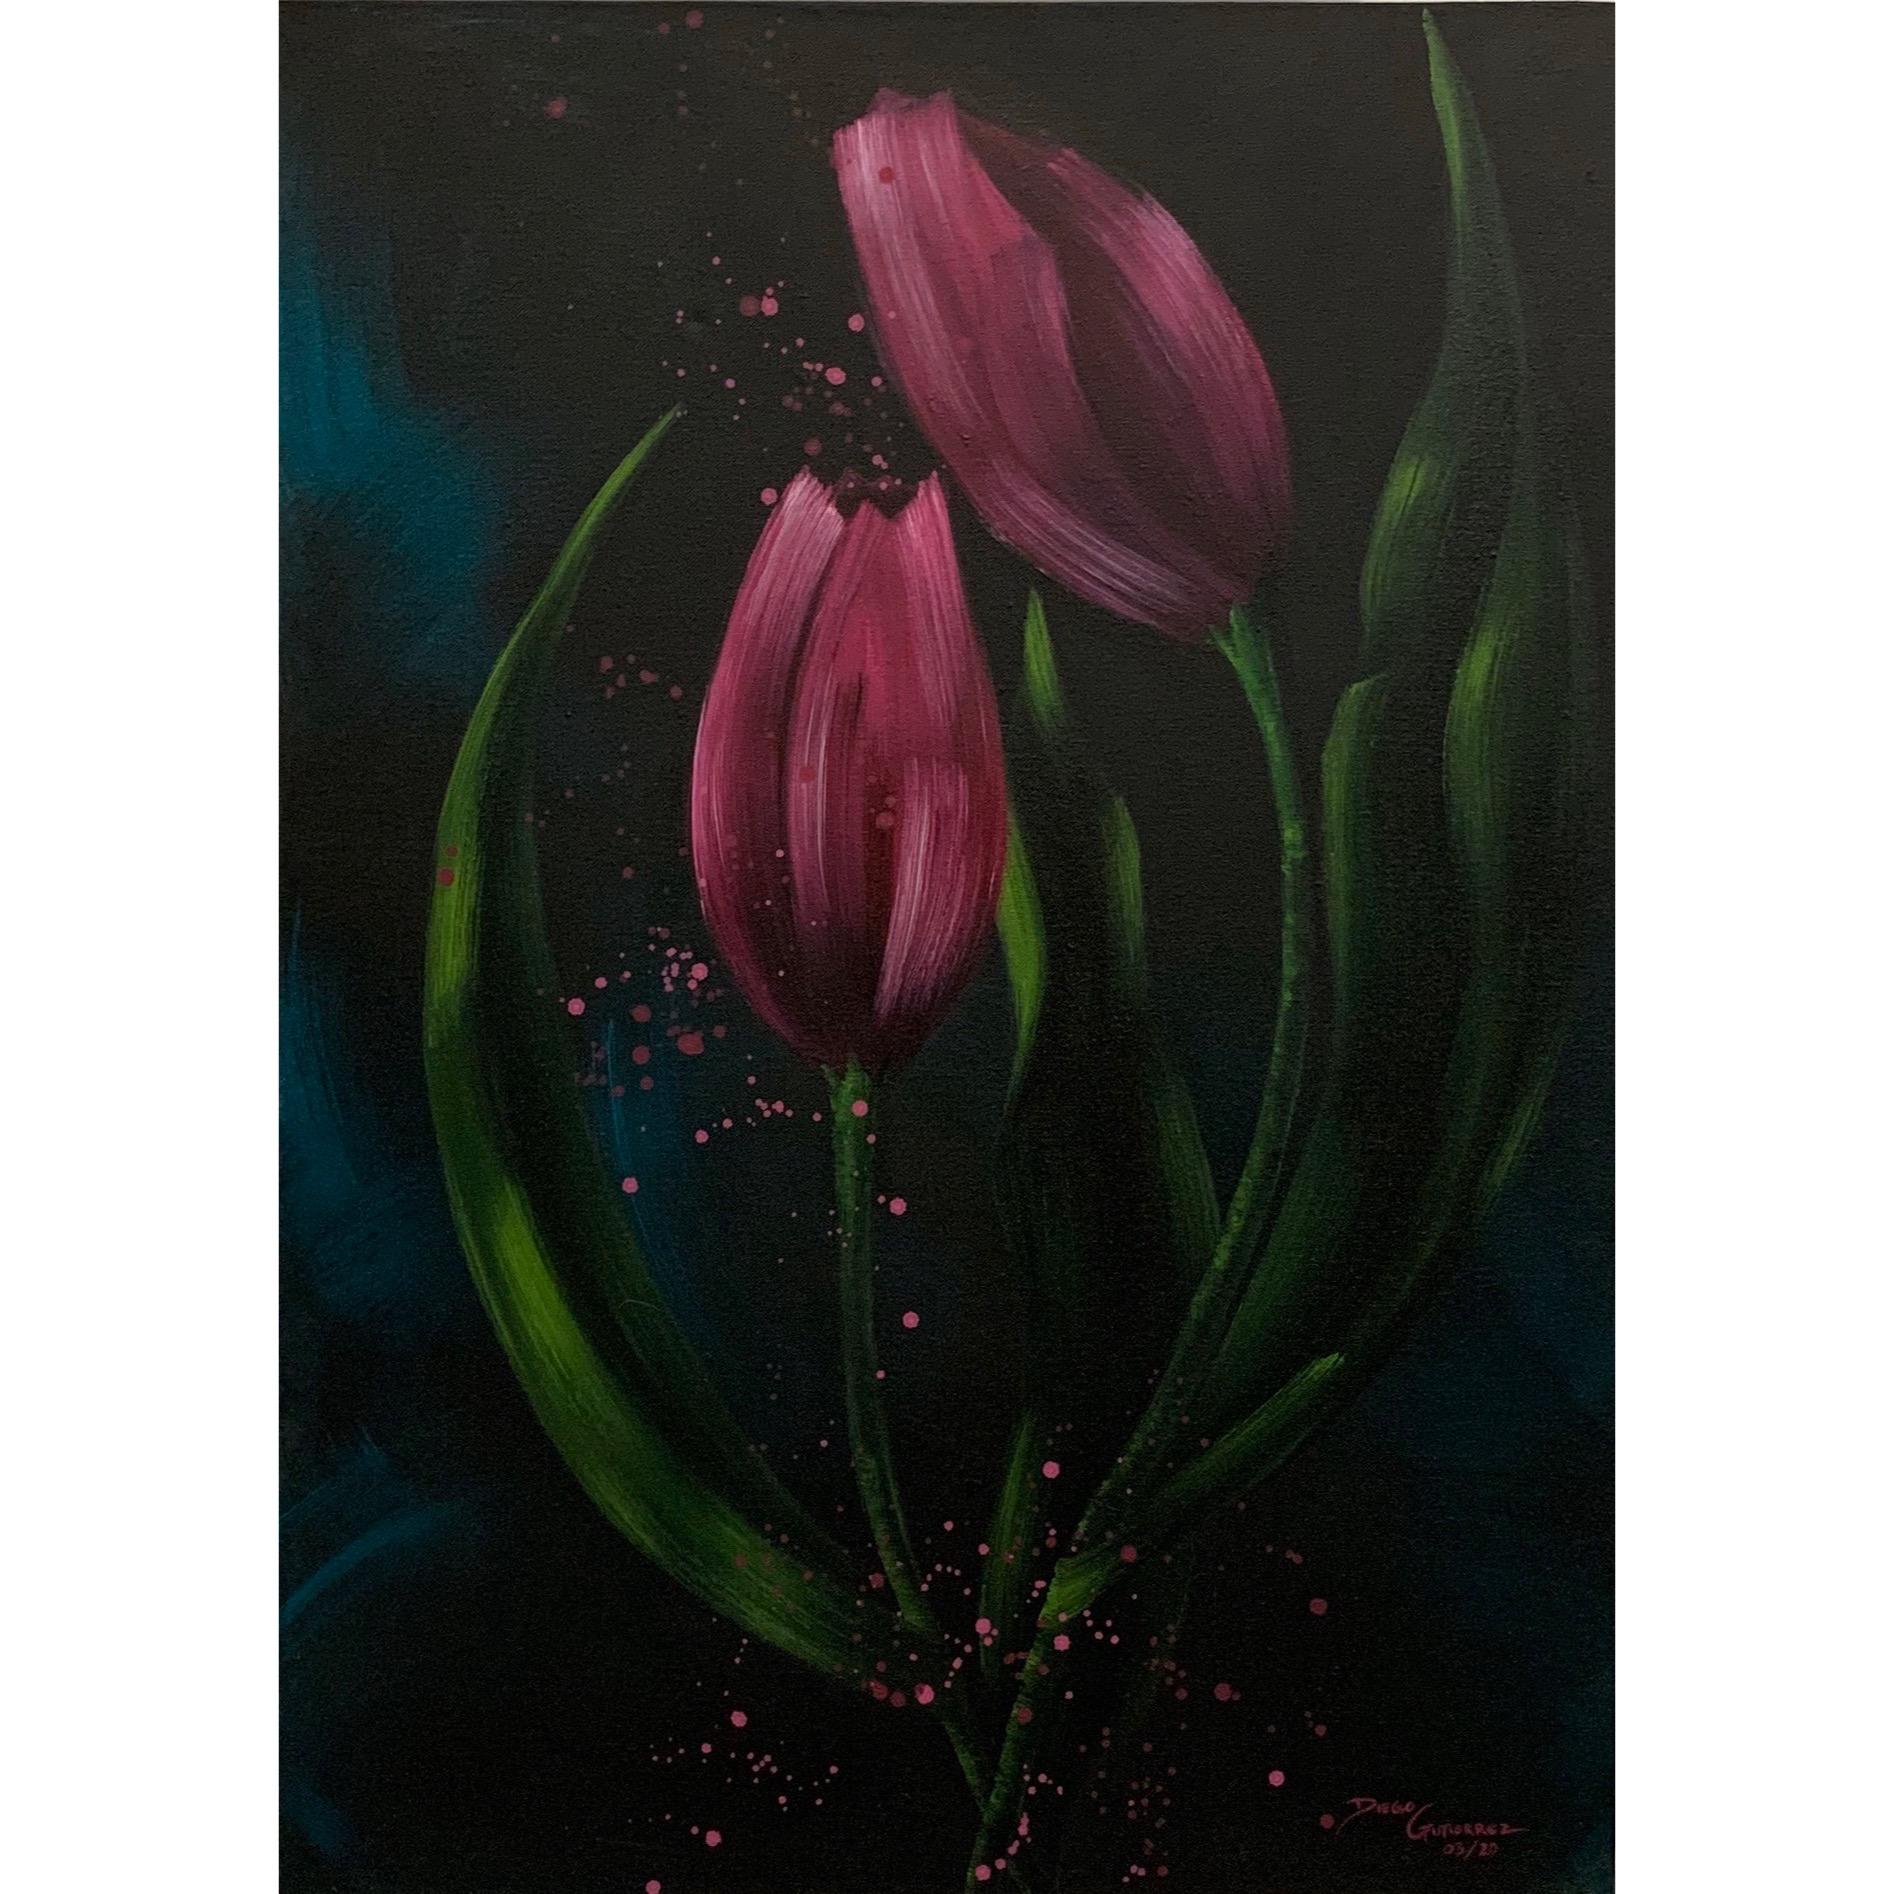 diego-gutierrez-gallery-plants-tulips-04